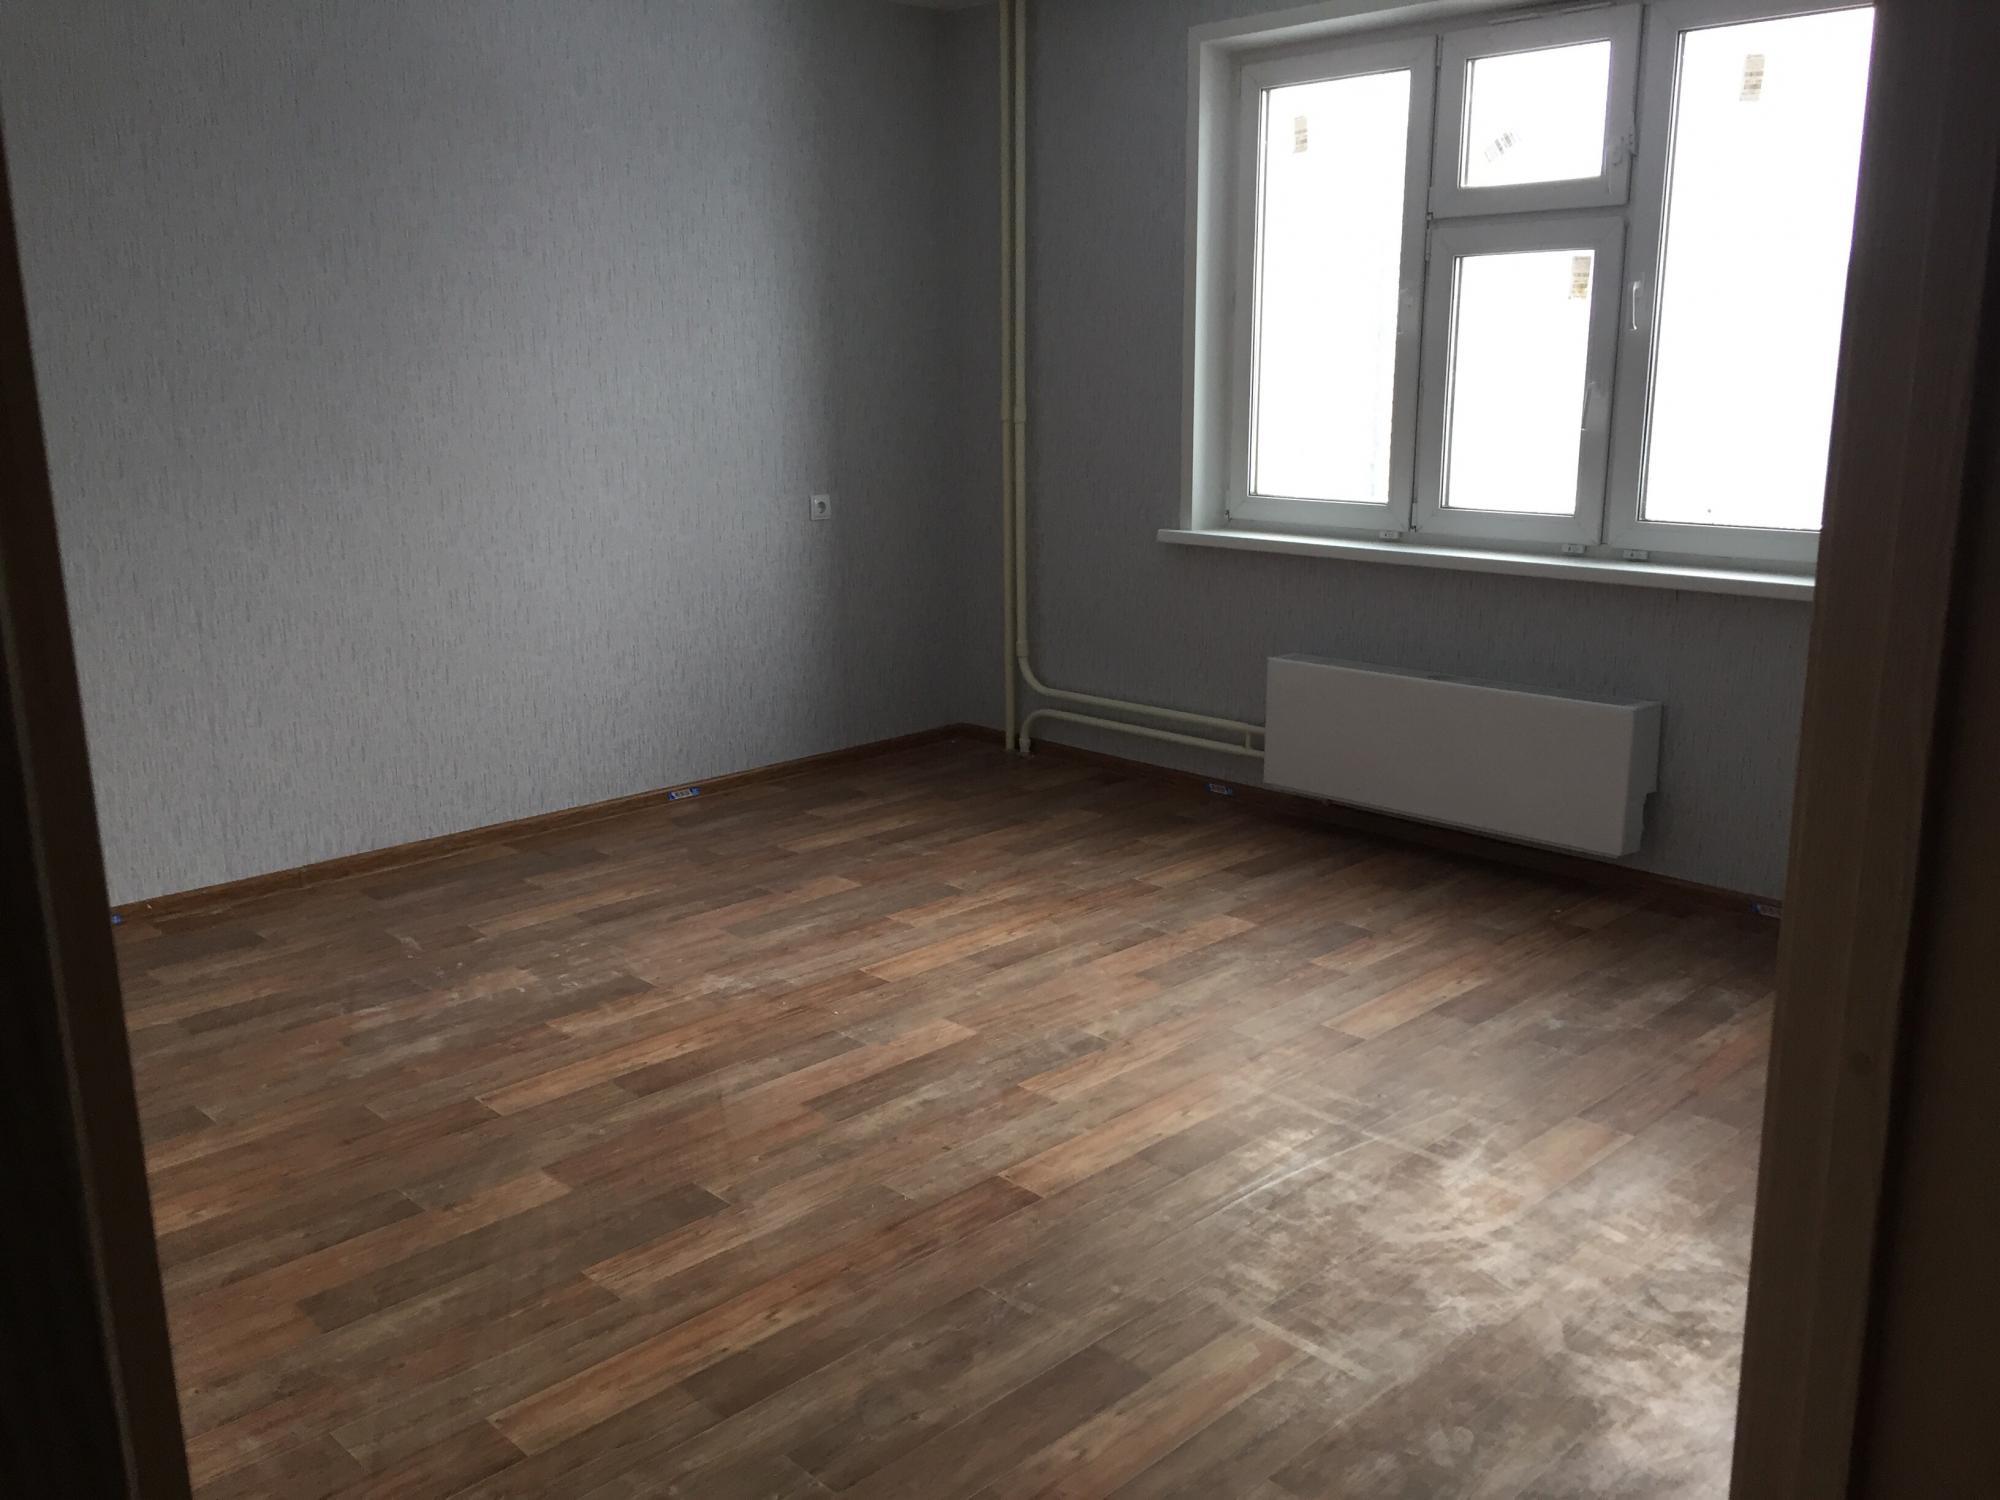 3к квартира Светлогорский переулок, 15 | 23000 | аренда в Красноярске фото 0